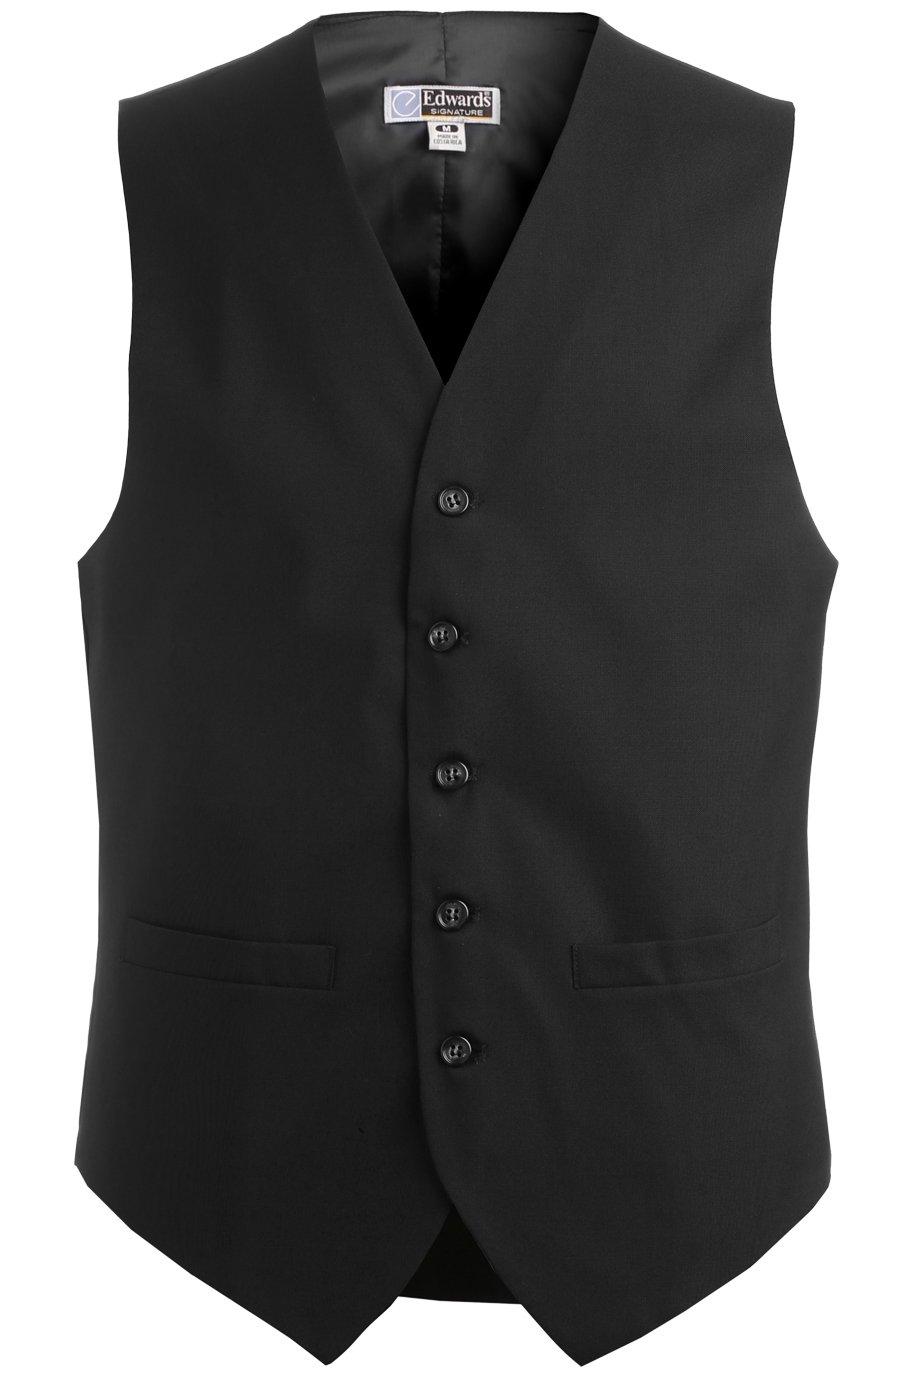 Ed Garments Men'S 4680 Classic Five Button Vest Server Vests (Black M-R)